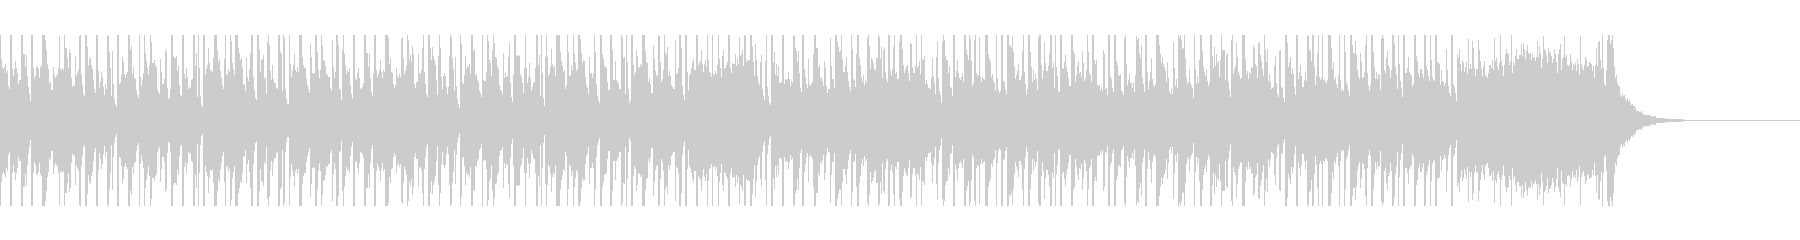 アラビアベリーダンス(45秒)の未再生の波形